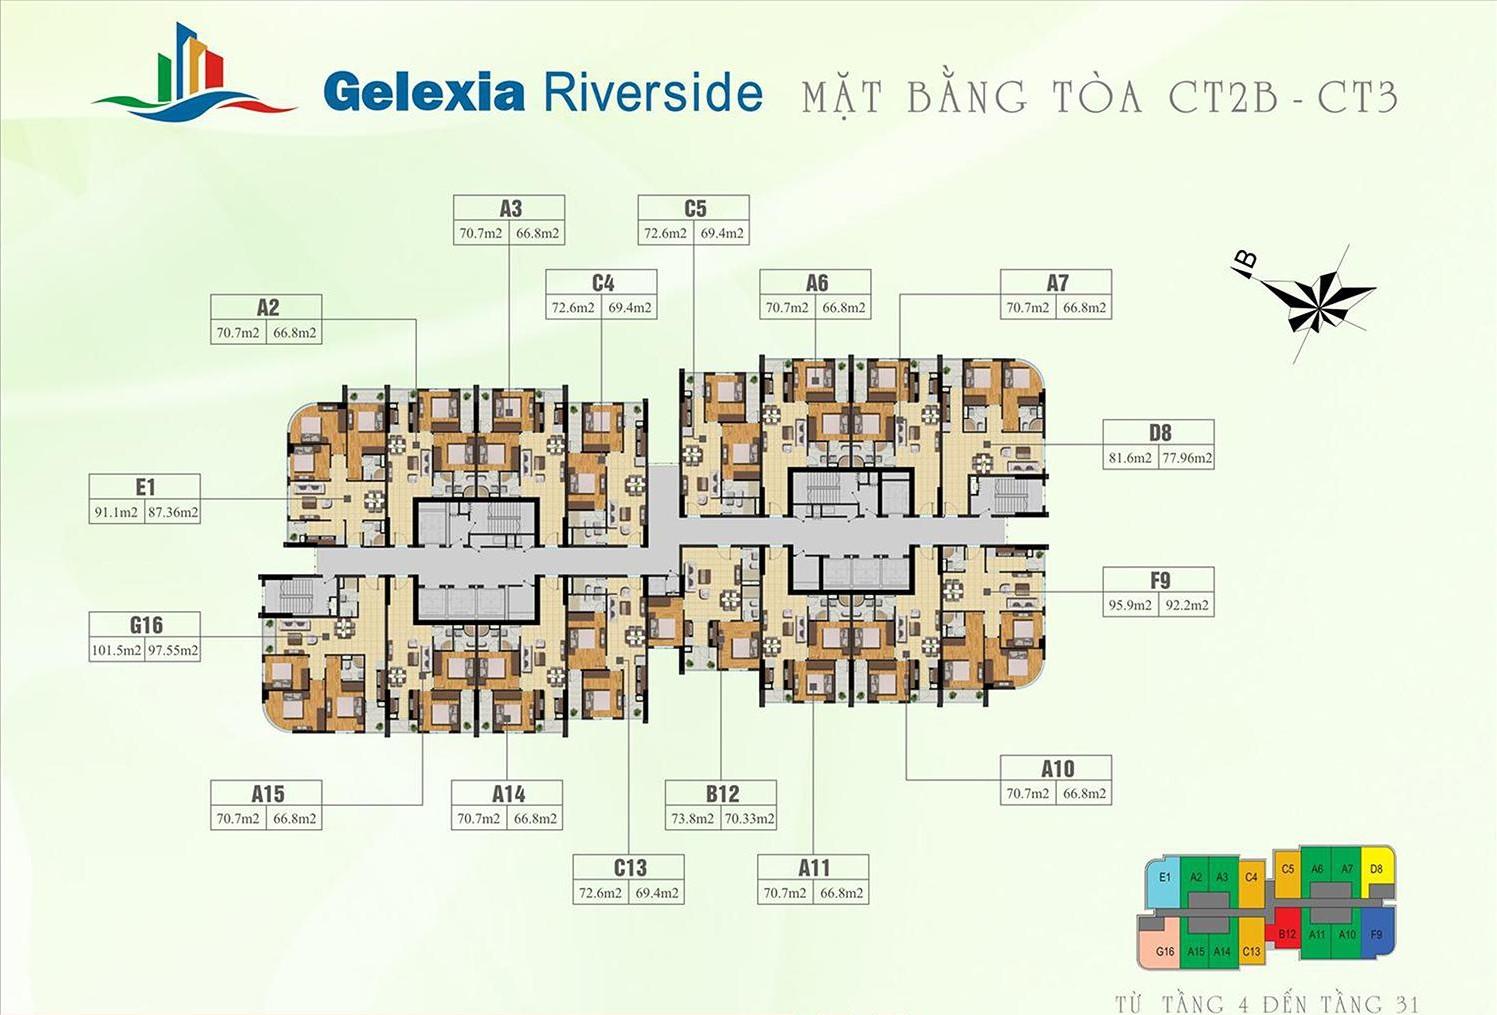 Mặt bằng tầng điển hình 4-31 tòa CT2B - CT3